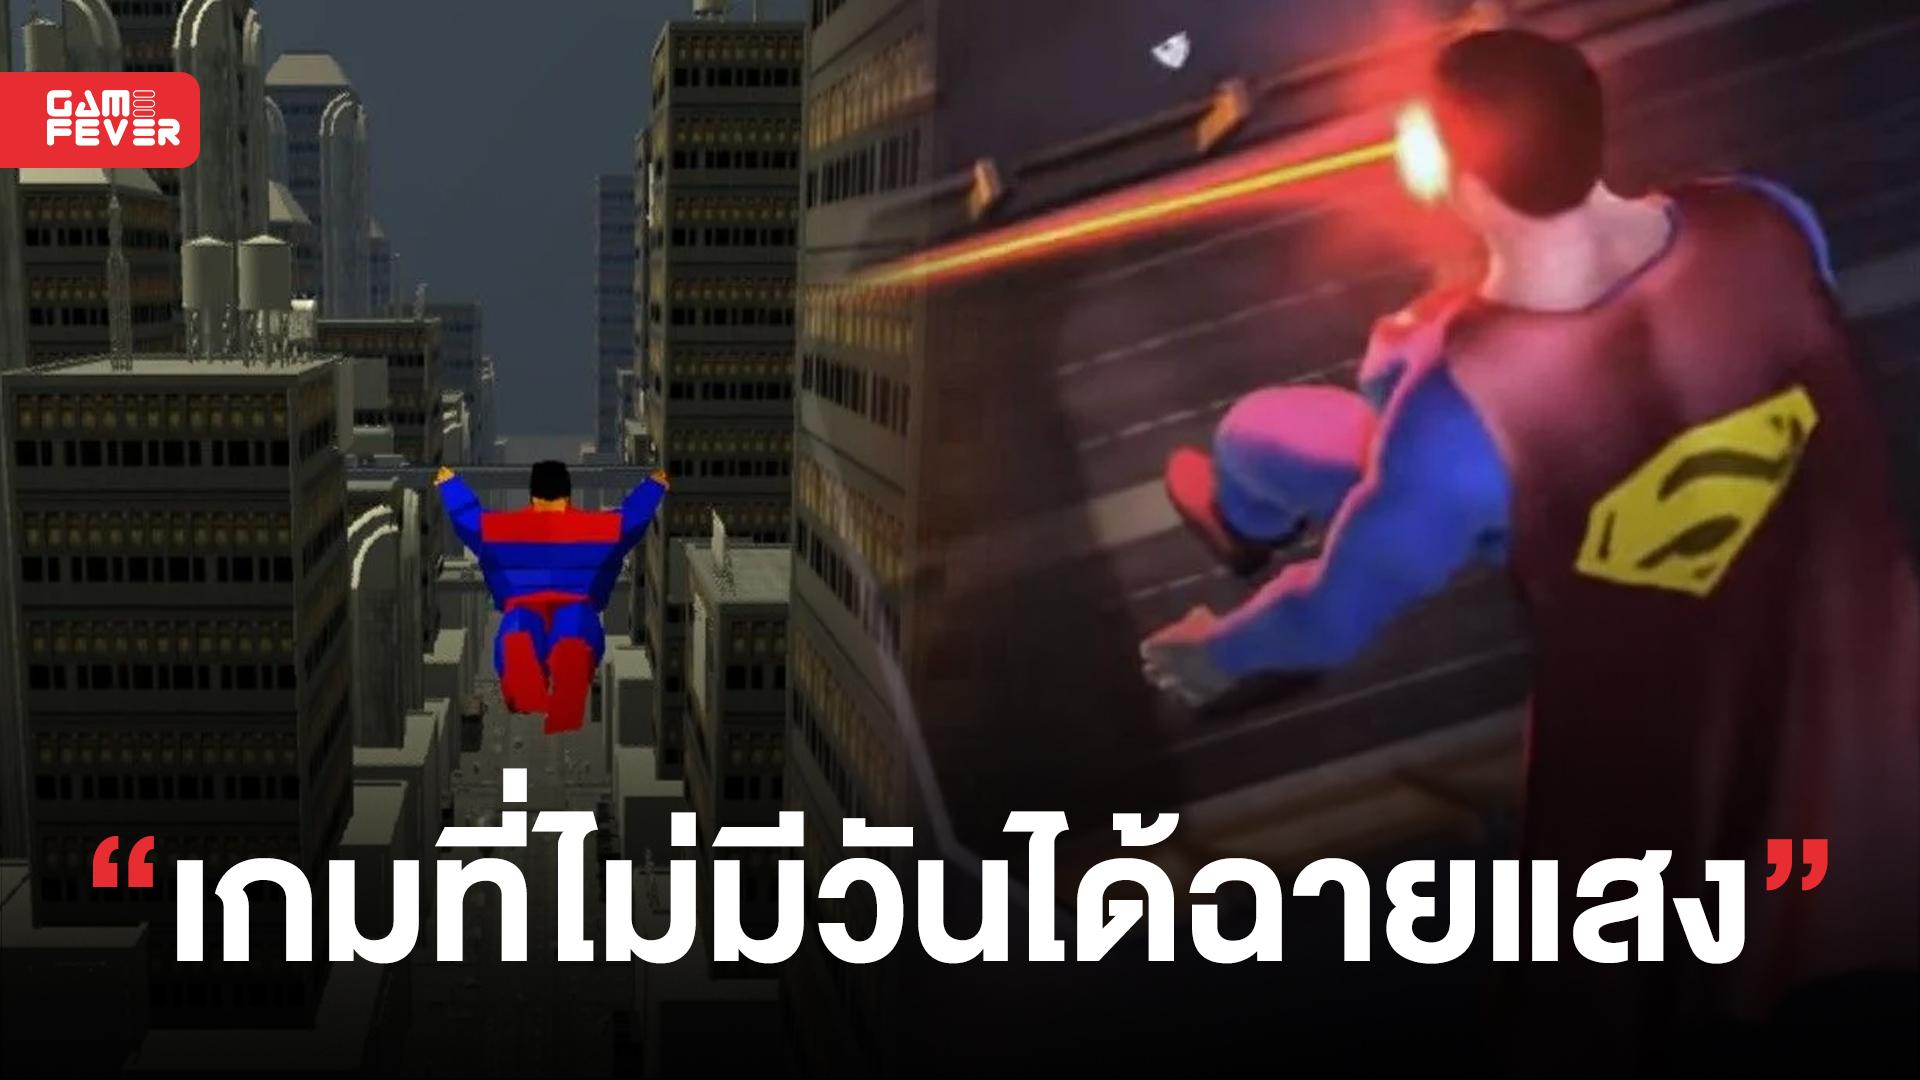 มาช้าเกินไปแล้ว!! เผยข้อมูลเกม Superman ที่ถูกยกเลิกไปเมื่อ 10 กว่าปีที่แล้ว